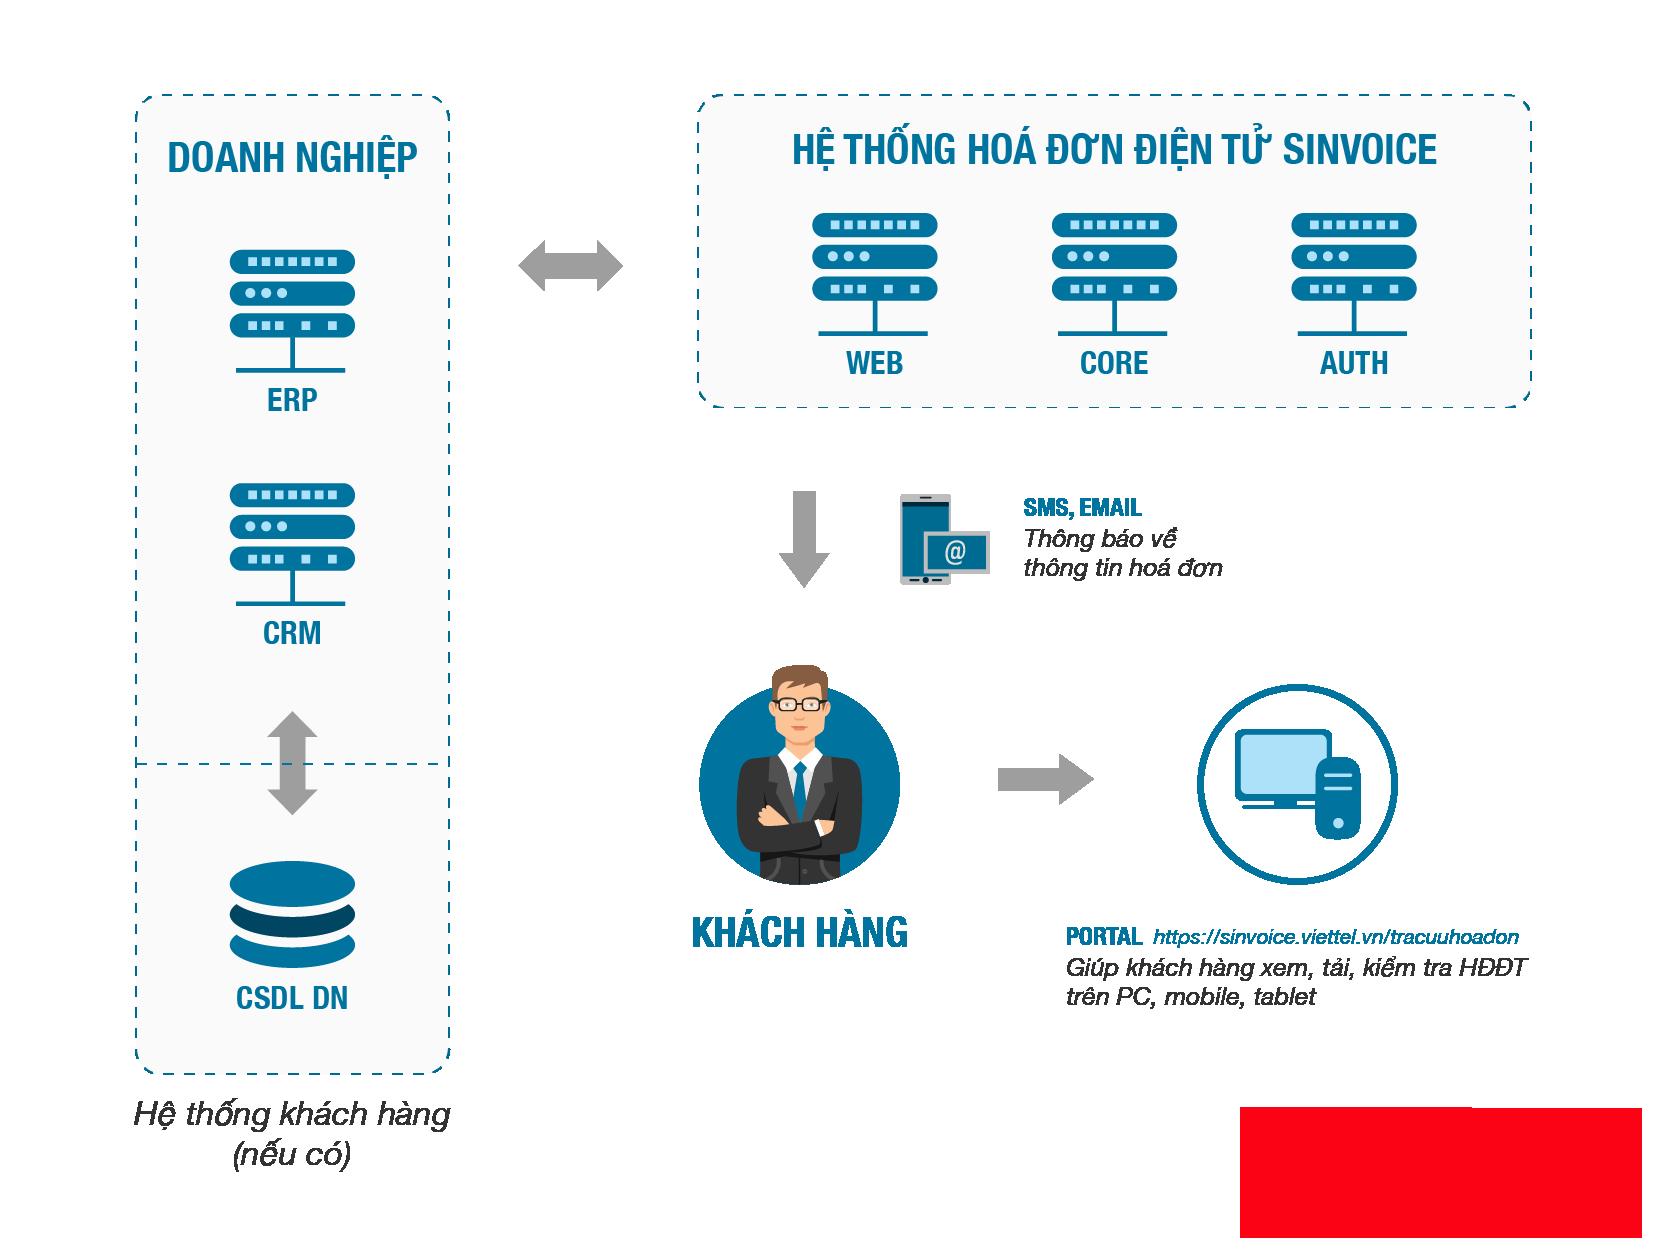 Hóa đơn điện tử giá rẻ do Viettel cung cấp tích hợp sẵn tính năng gửi tin nhắn SMS